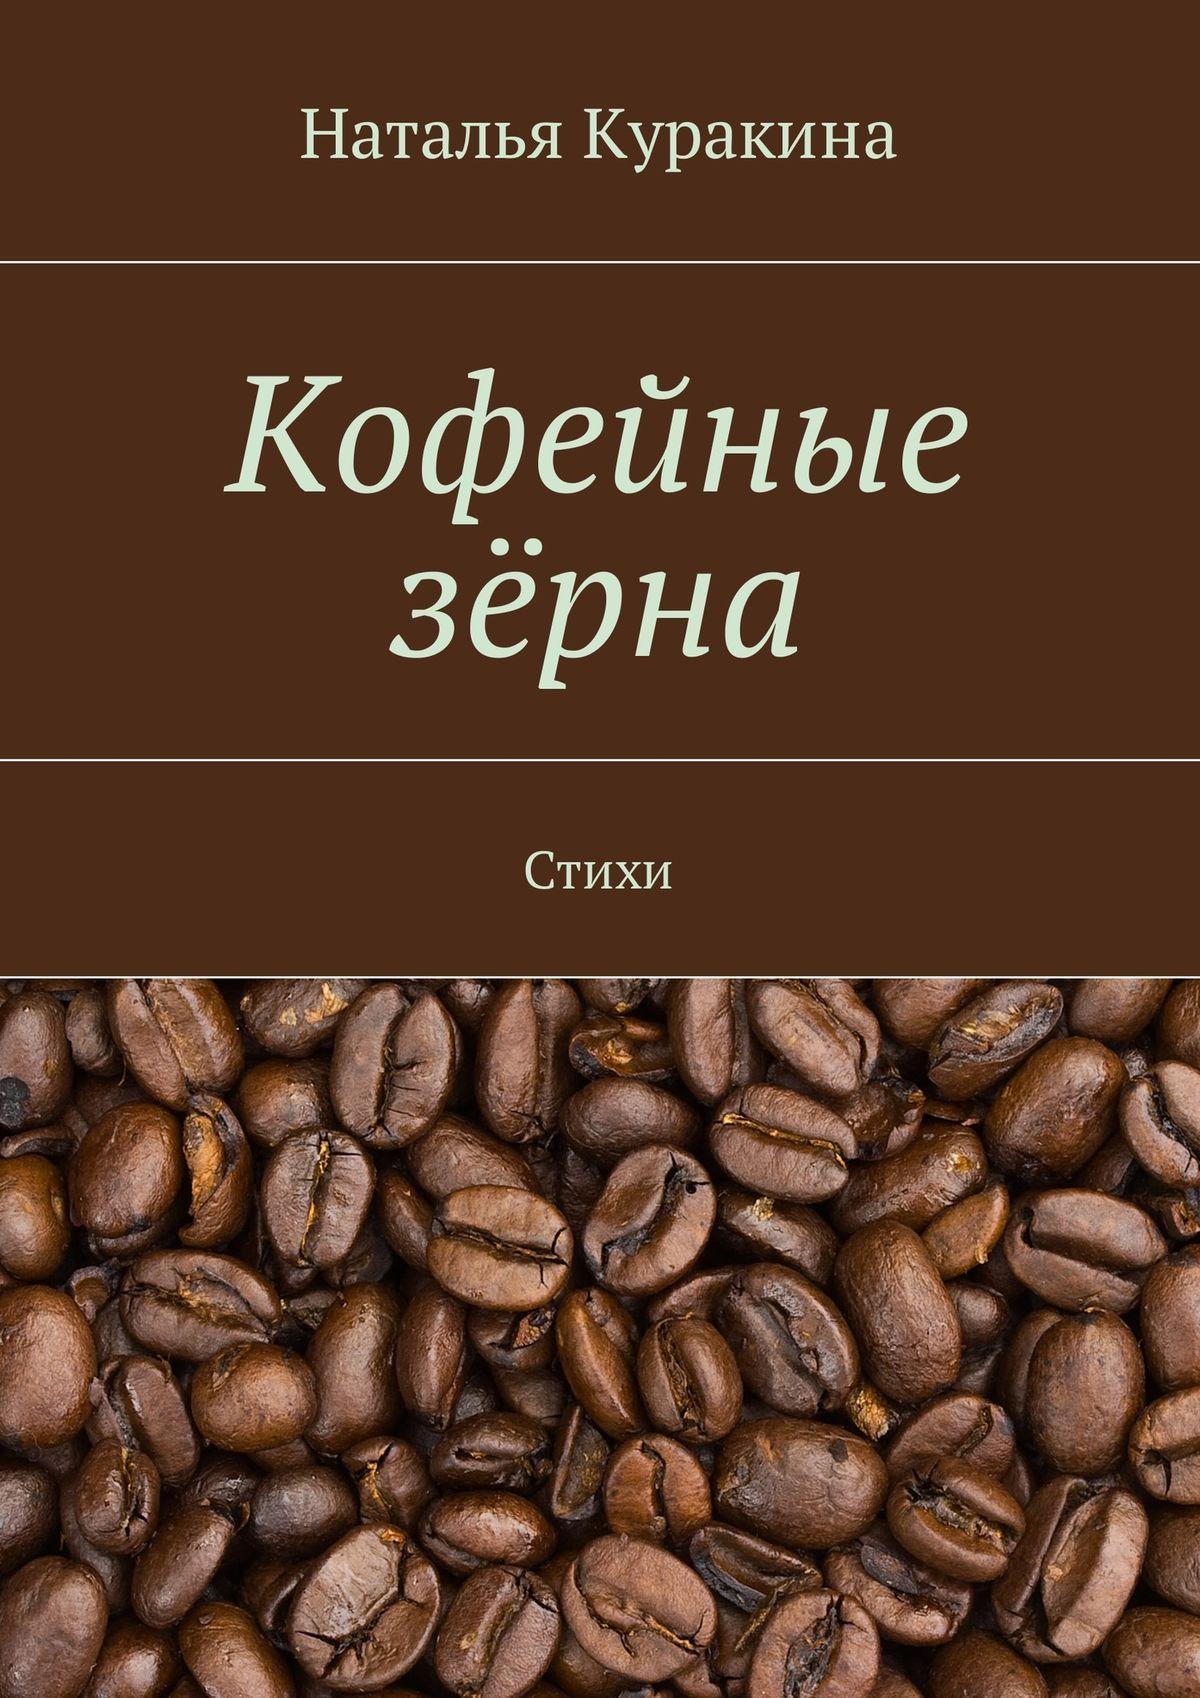 цена Наталья Куракина Кофейные зёрна. Стихи